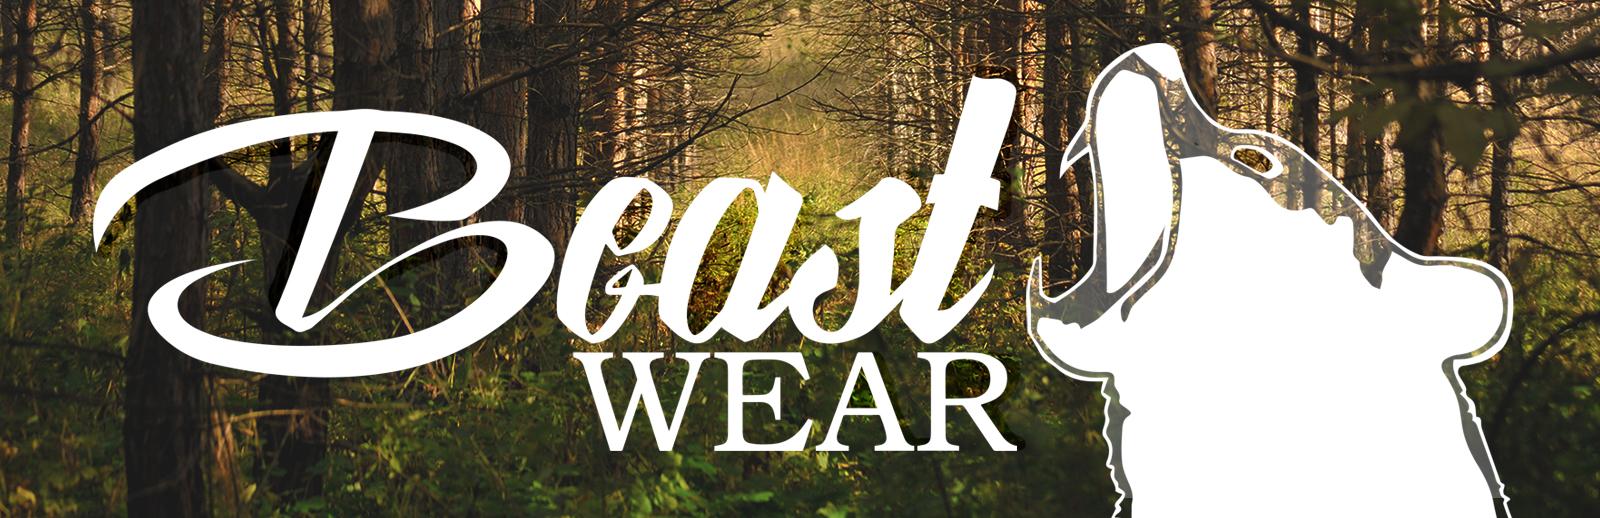 Header Beast Wear von Eric Large